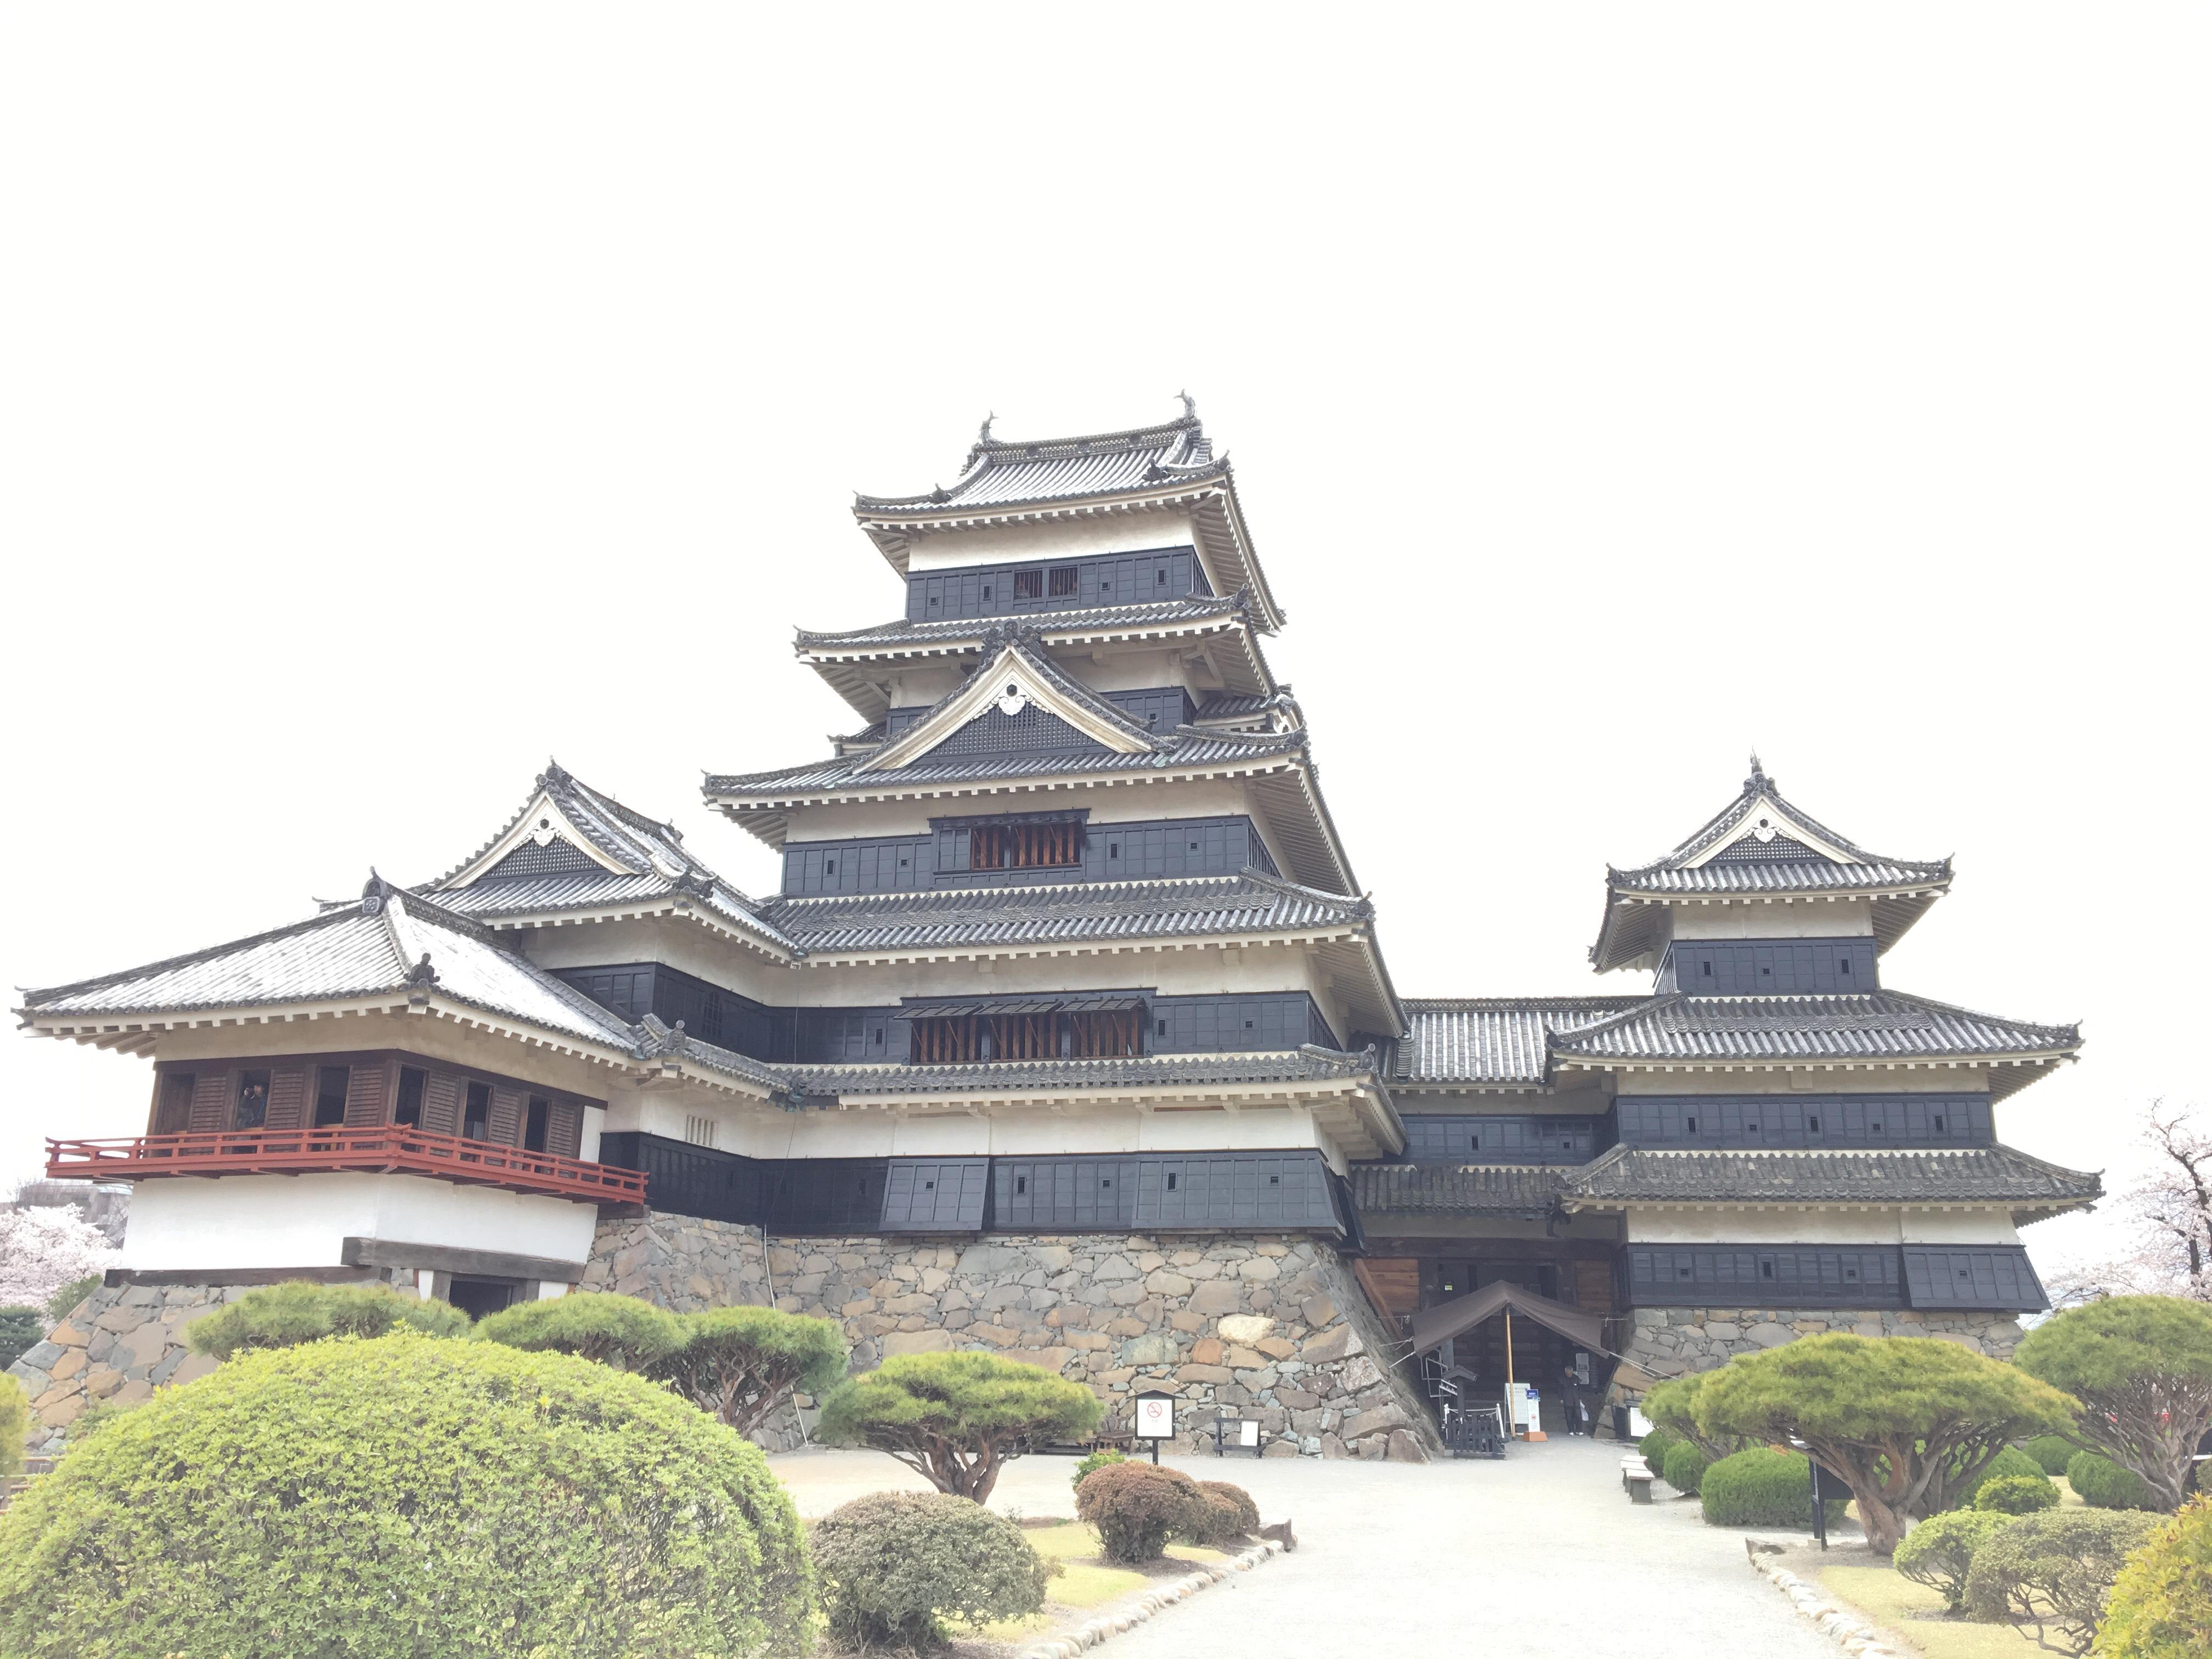 【松本城】国宝の漆喰を見学